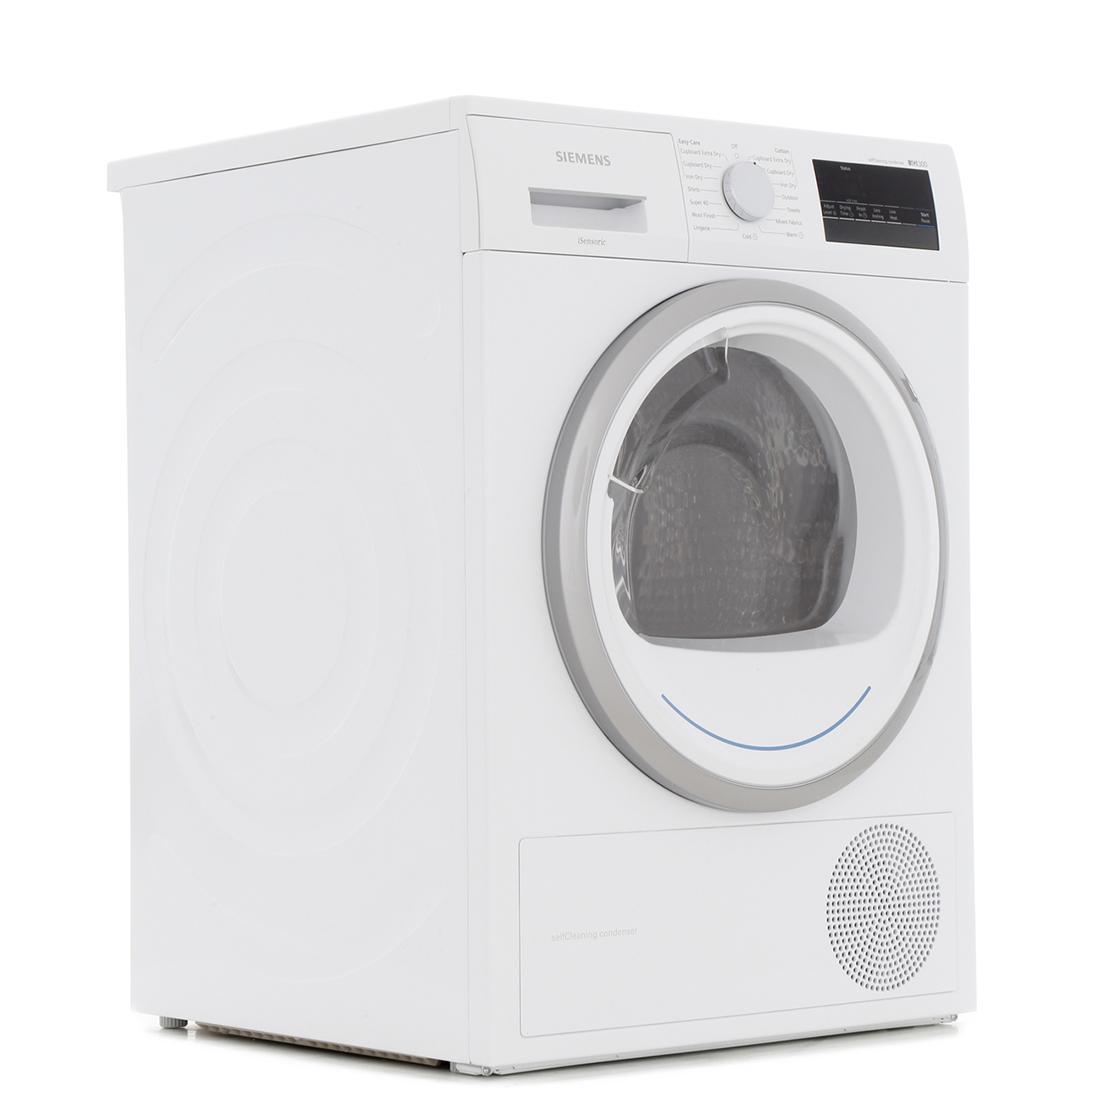 Siemens WT45M230GB Condenser Dryer with Heat Pump Technology